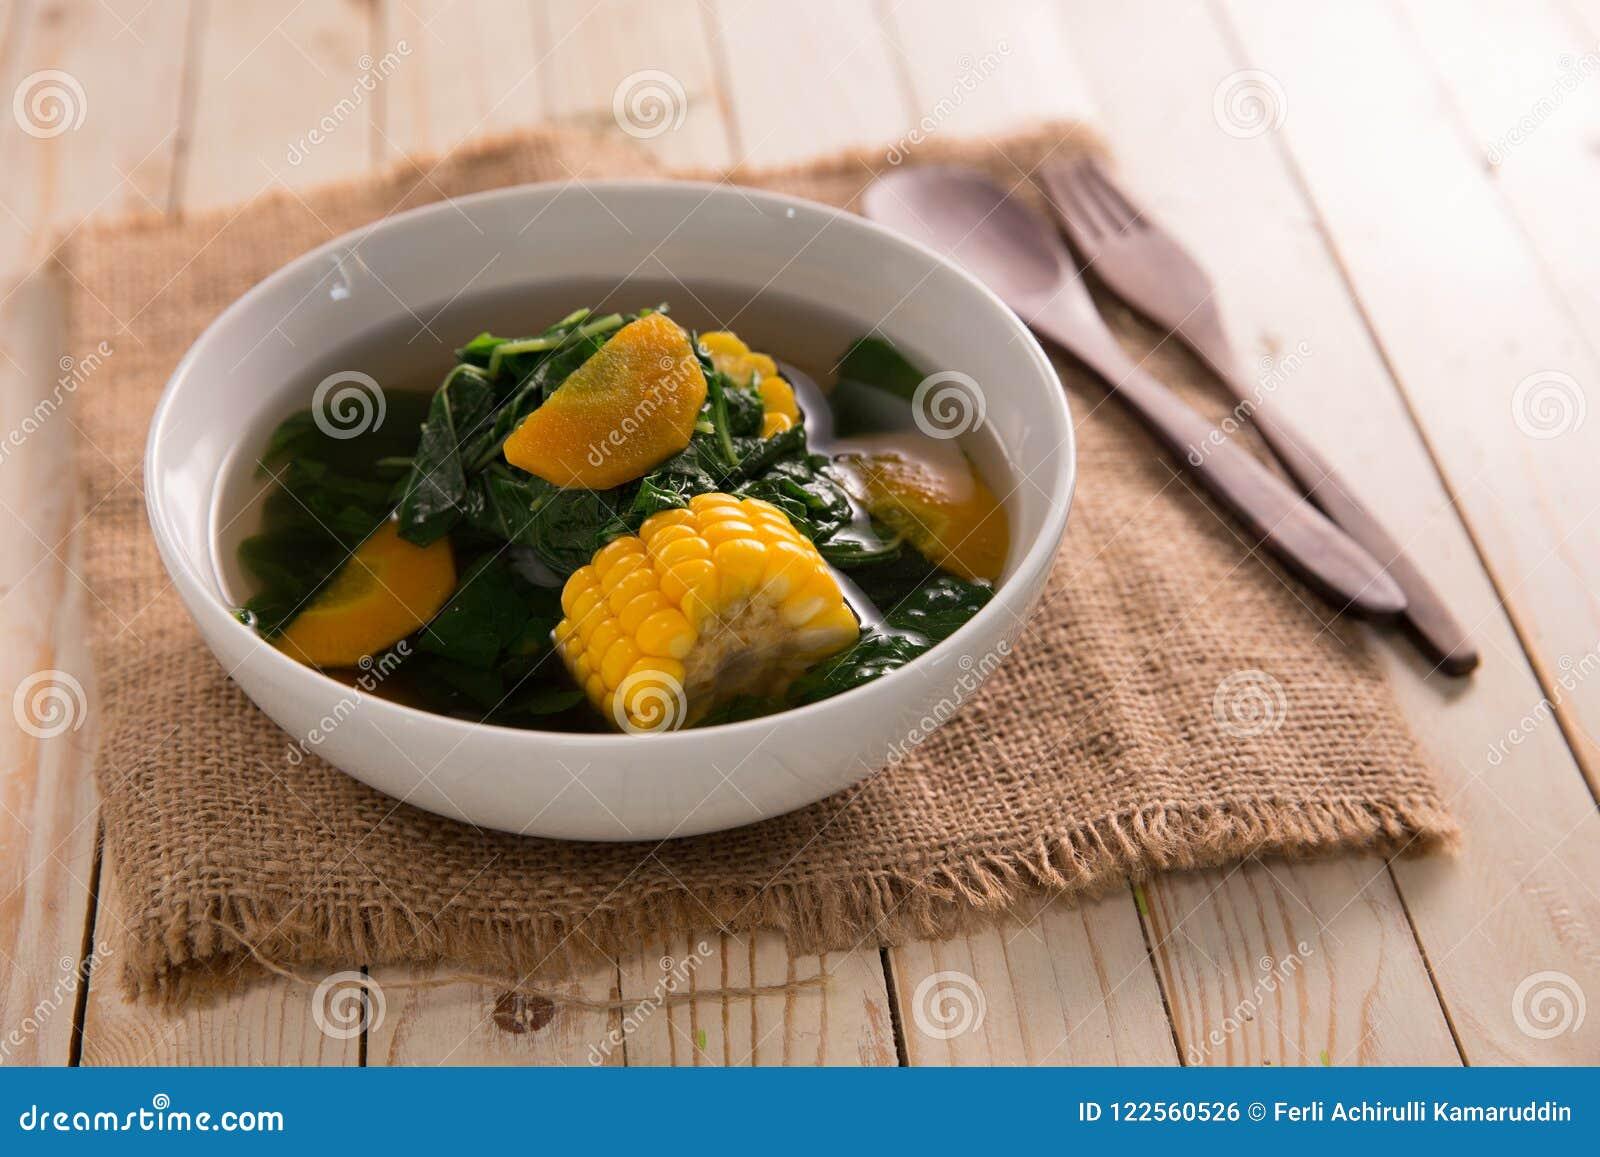 Sayur Bening Bayam Stock Photo Image Of Cuisine Sweet 122560526